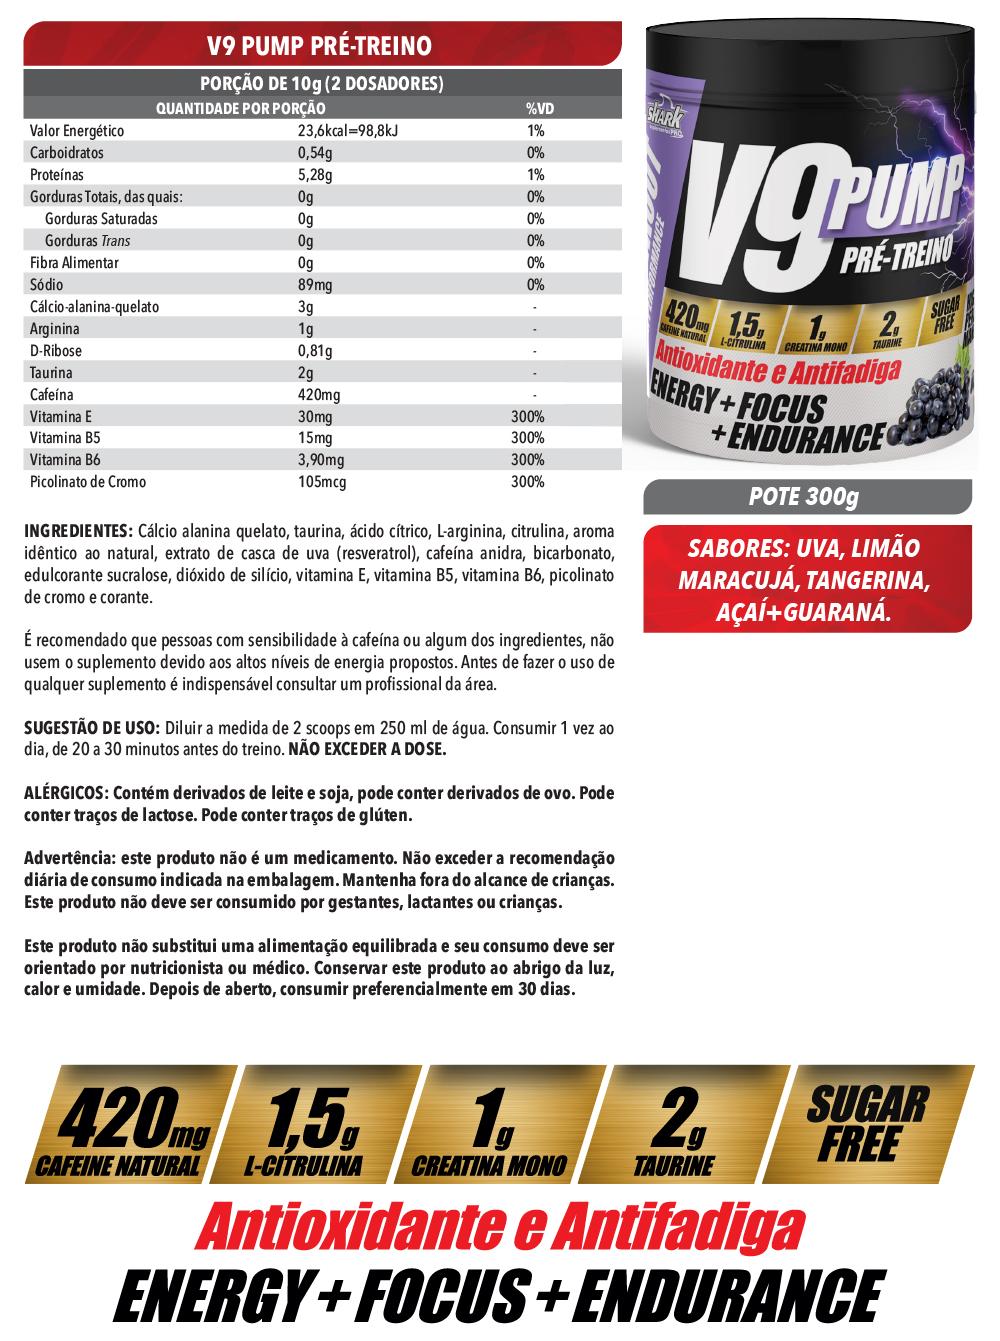 V9 Pump Pré Treino 300g - Uva